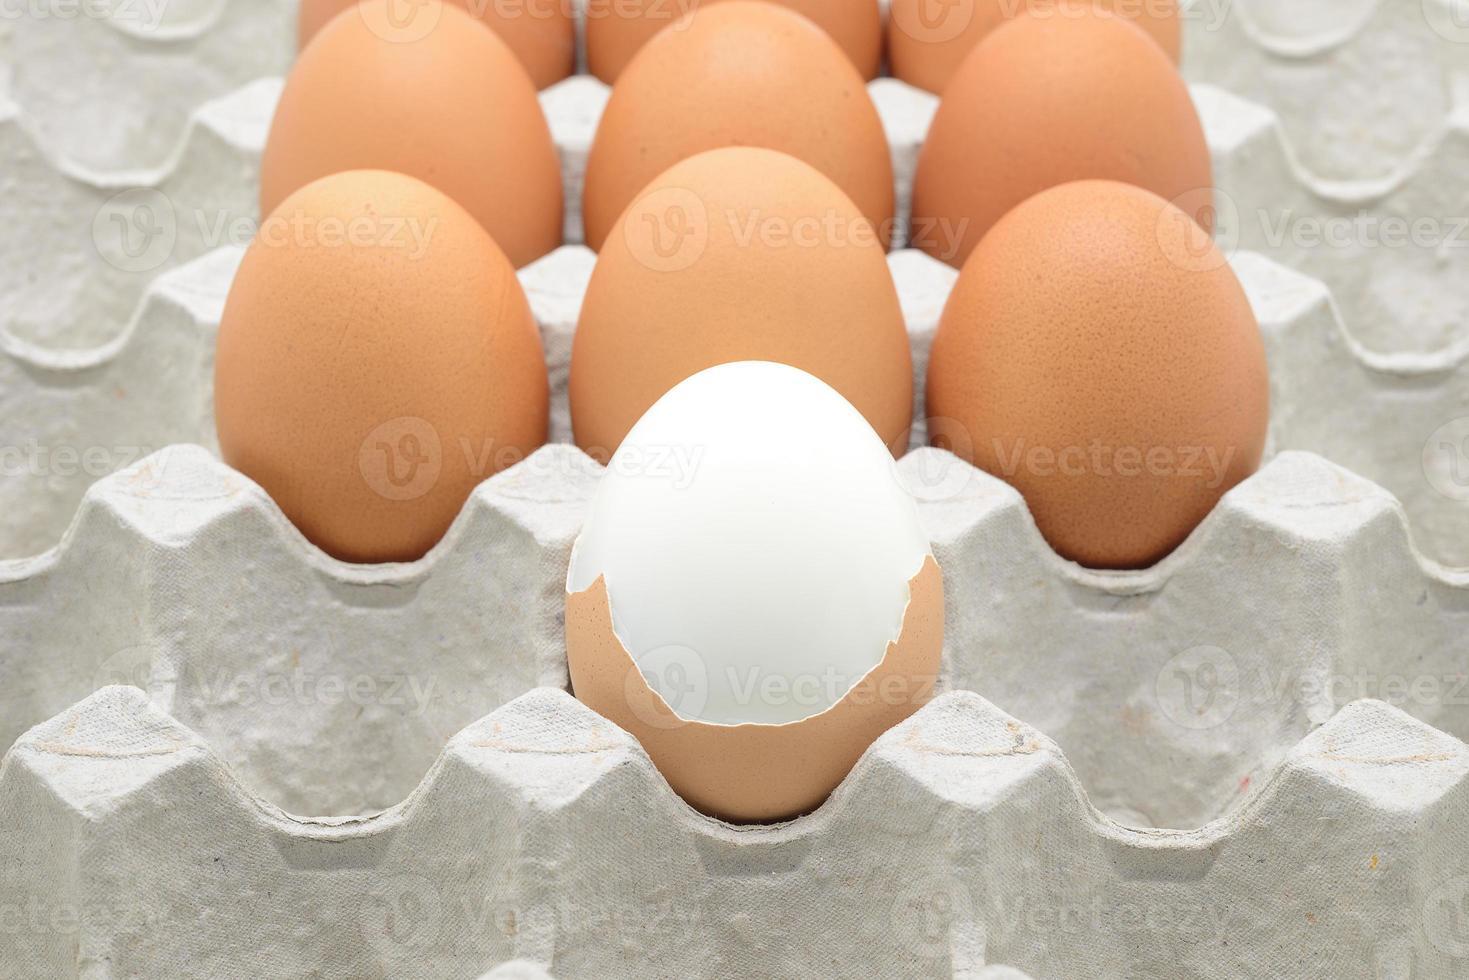 bollire l'uovo e le uova crude su una cassa di carta foto